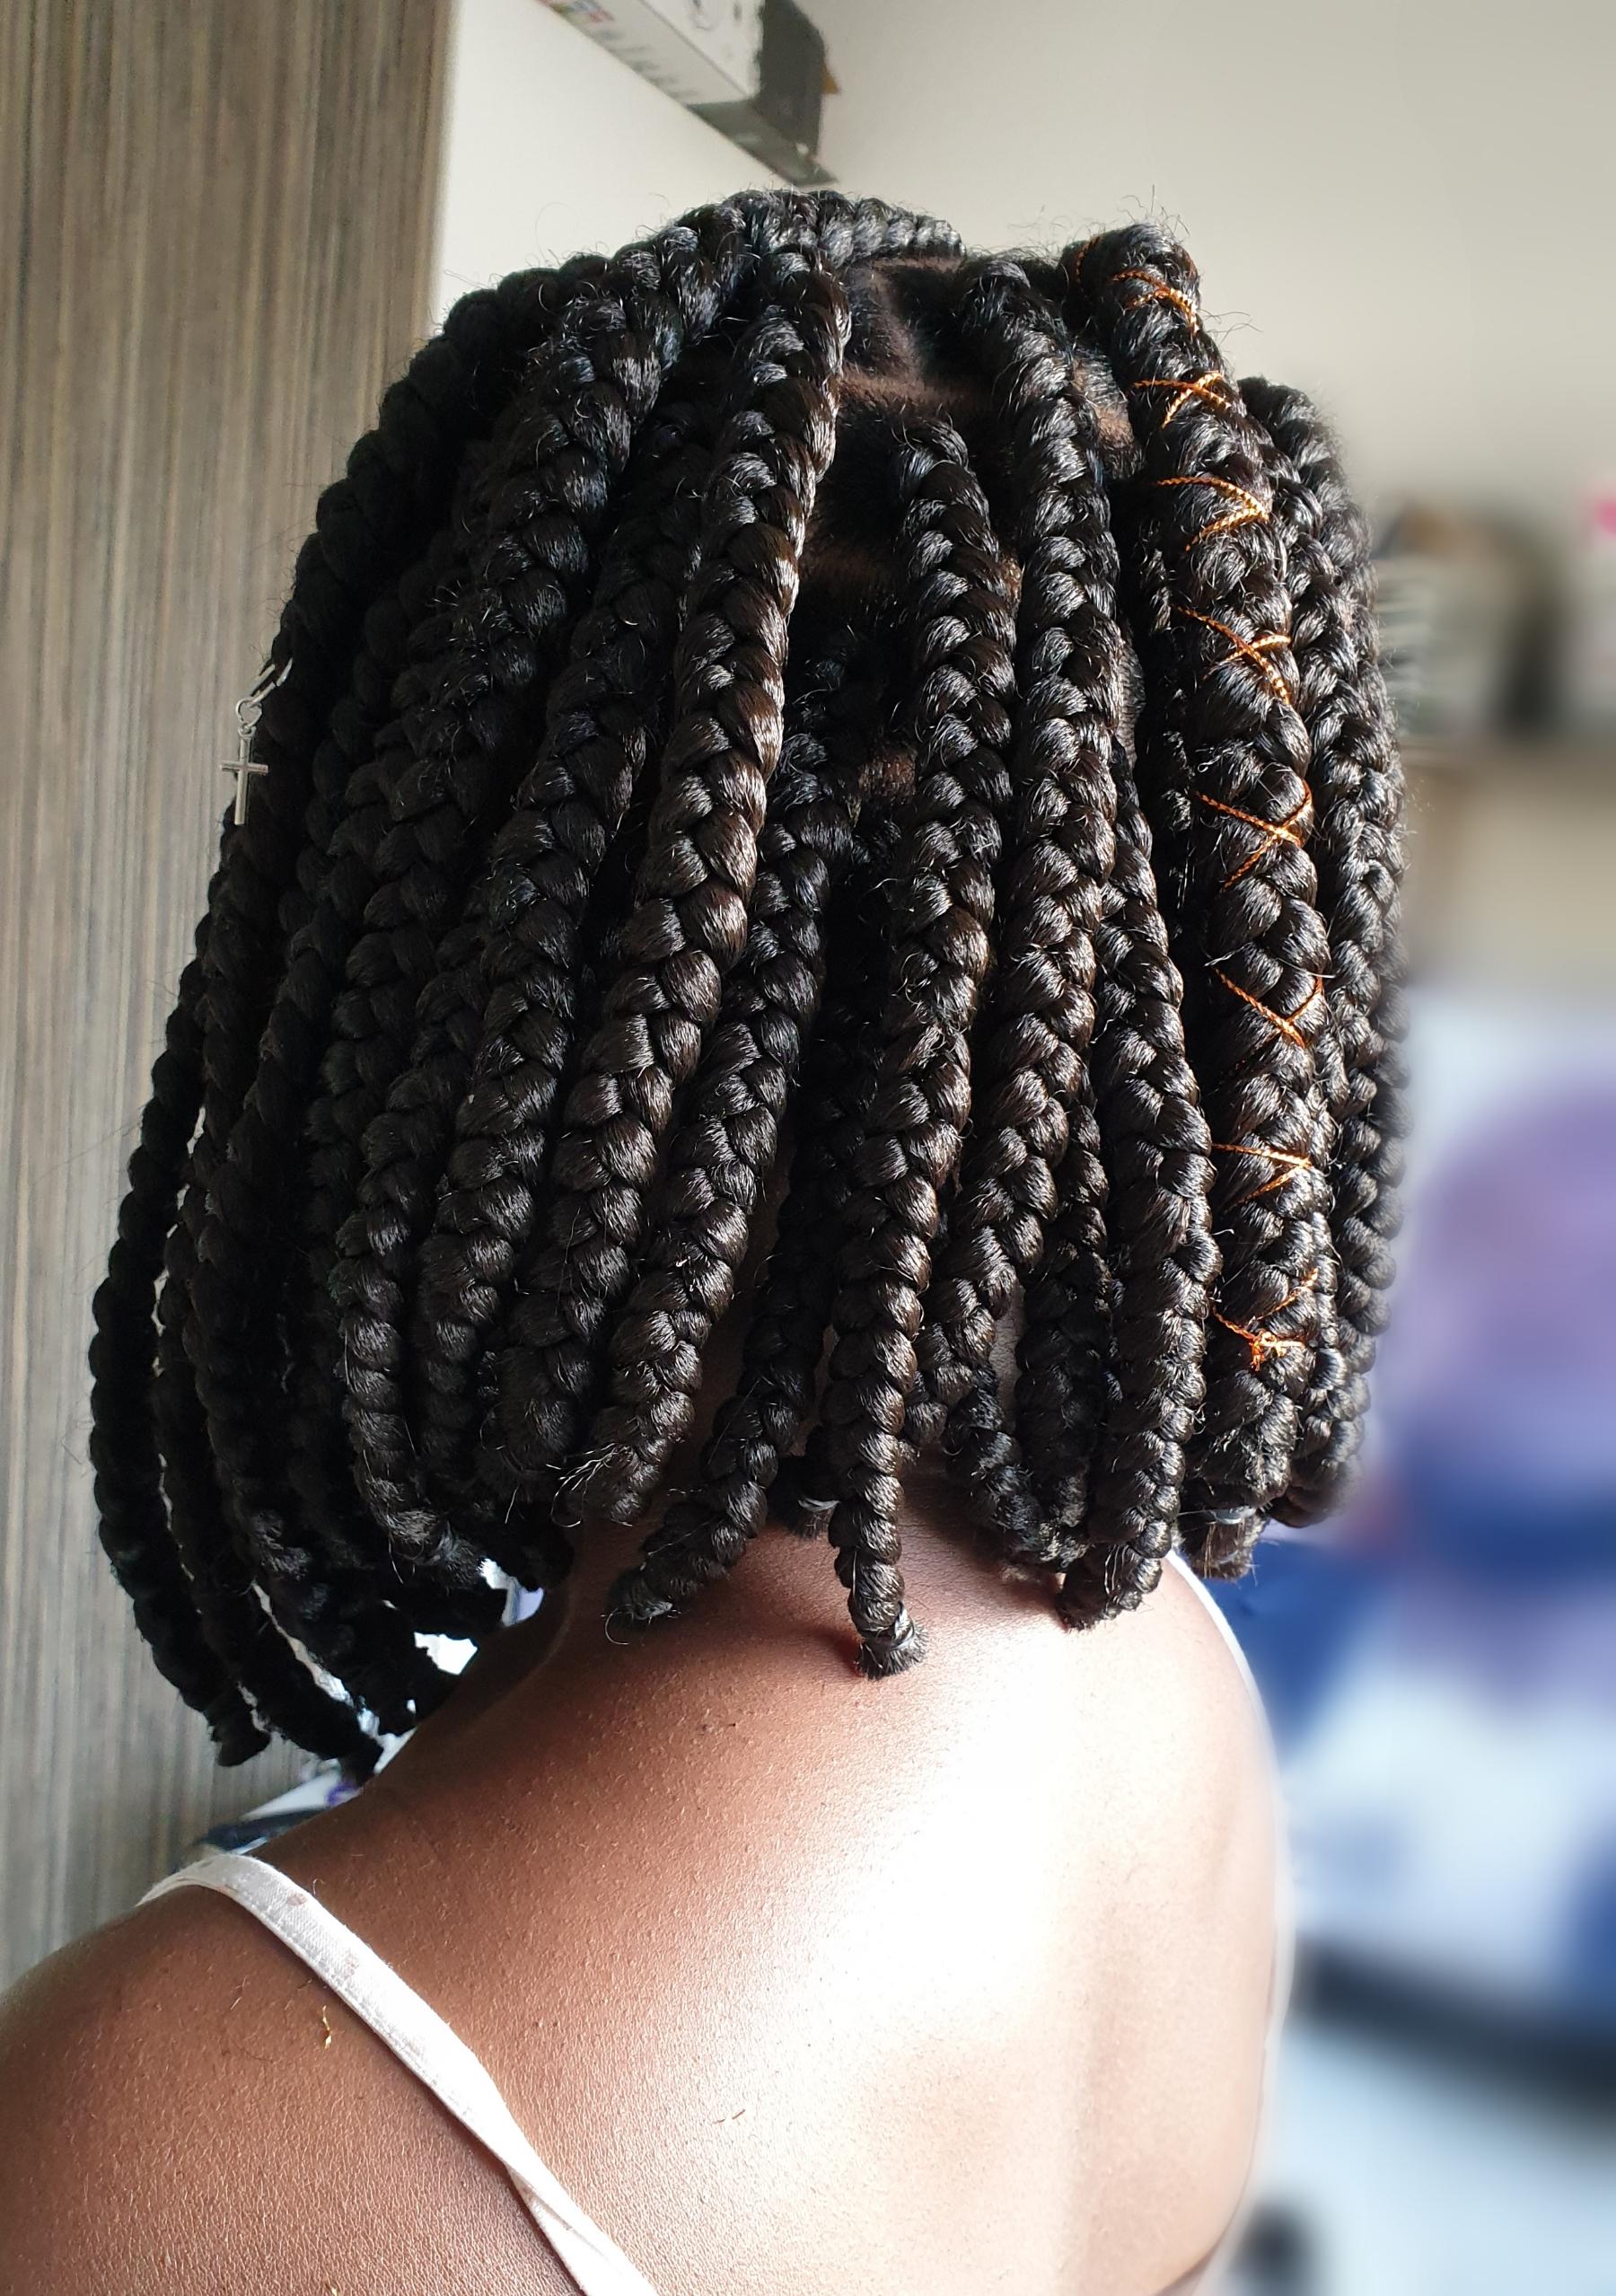 salon de coiffure afro tresse tresses box braids crochet braids vanilles tissages paris 75 77 78 91 92 93 94 95 DZFGSHYI